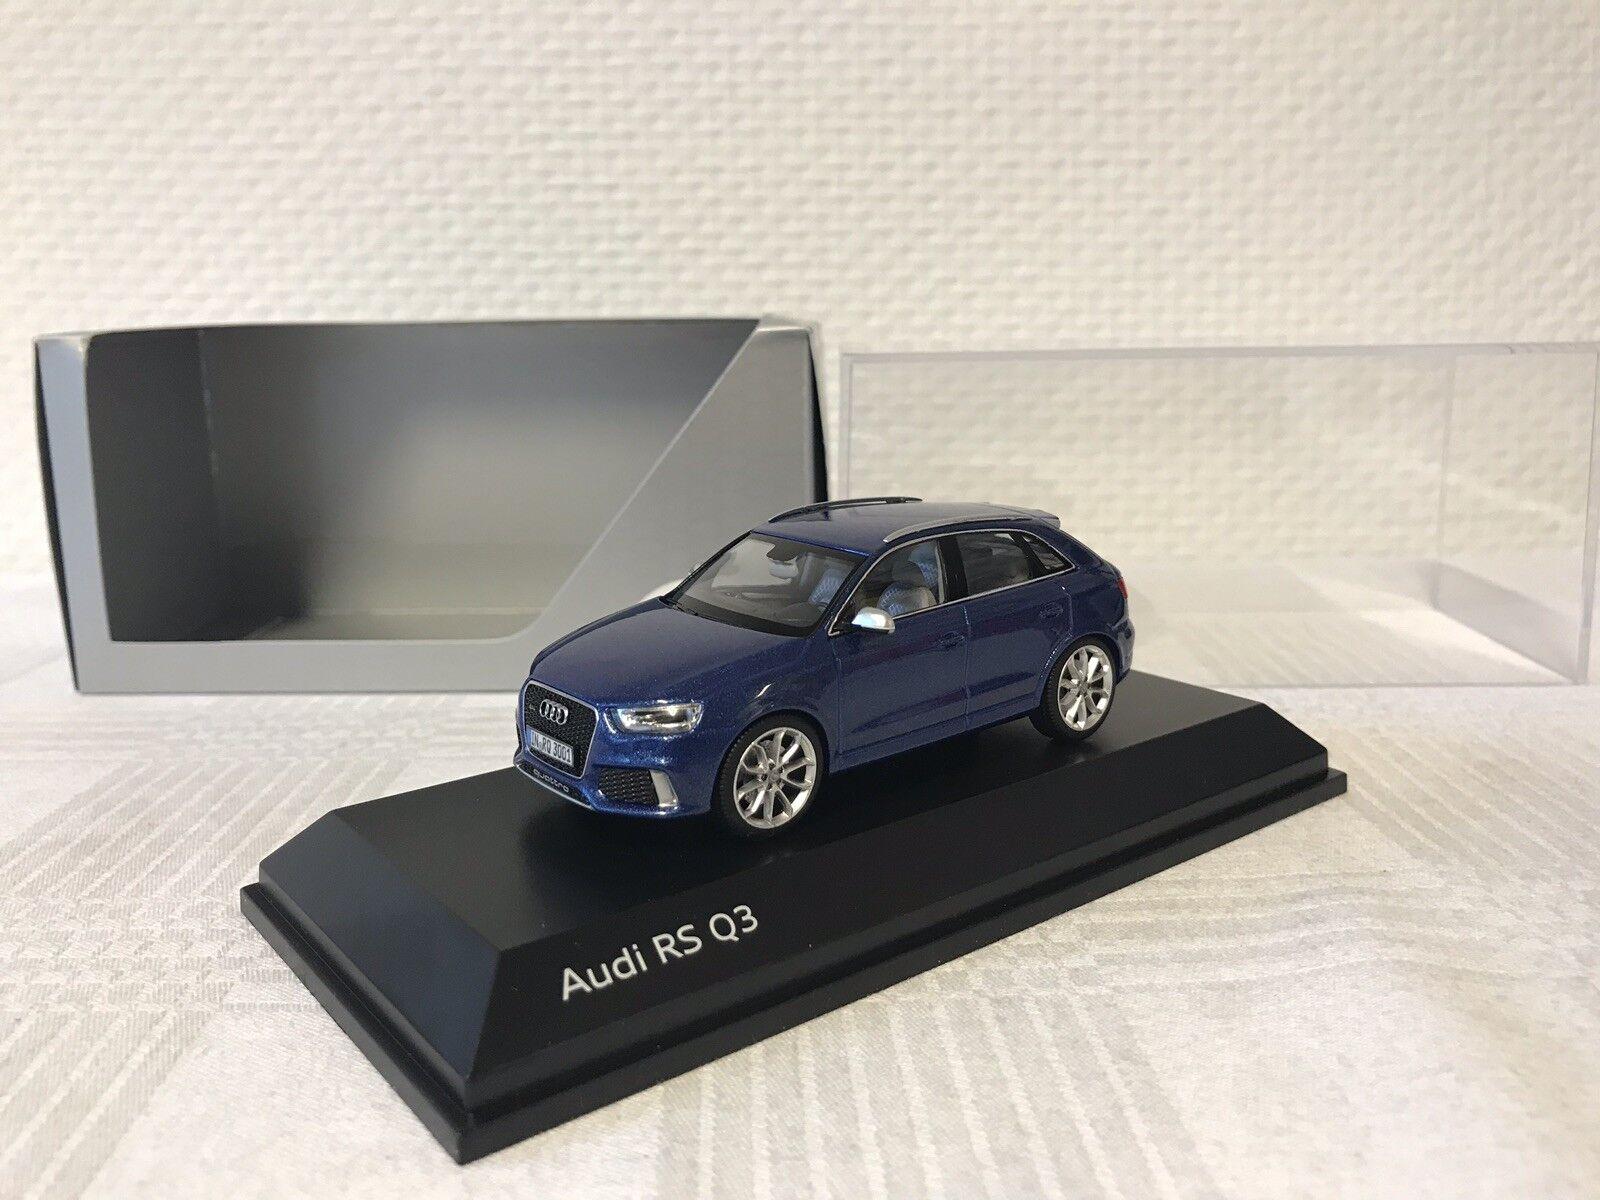 AUDI RS q3 1 43 regalo modello di auto MODELCAR scale model collezione rarità RARO